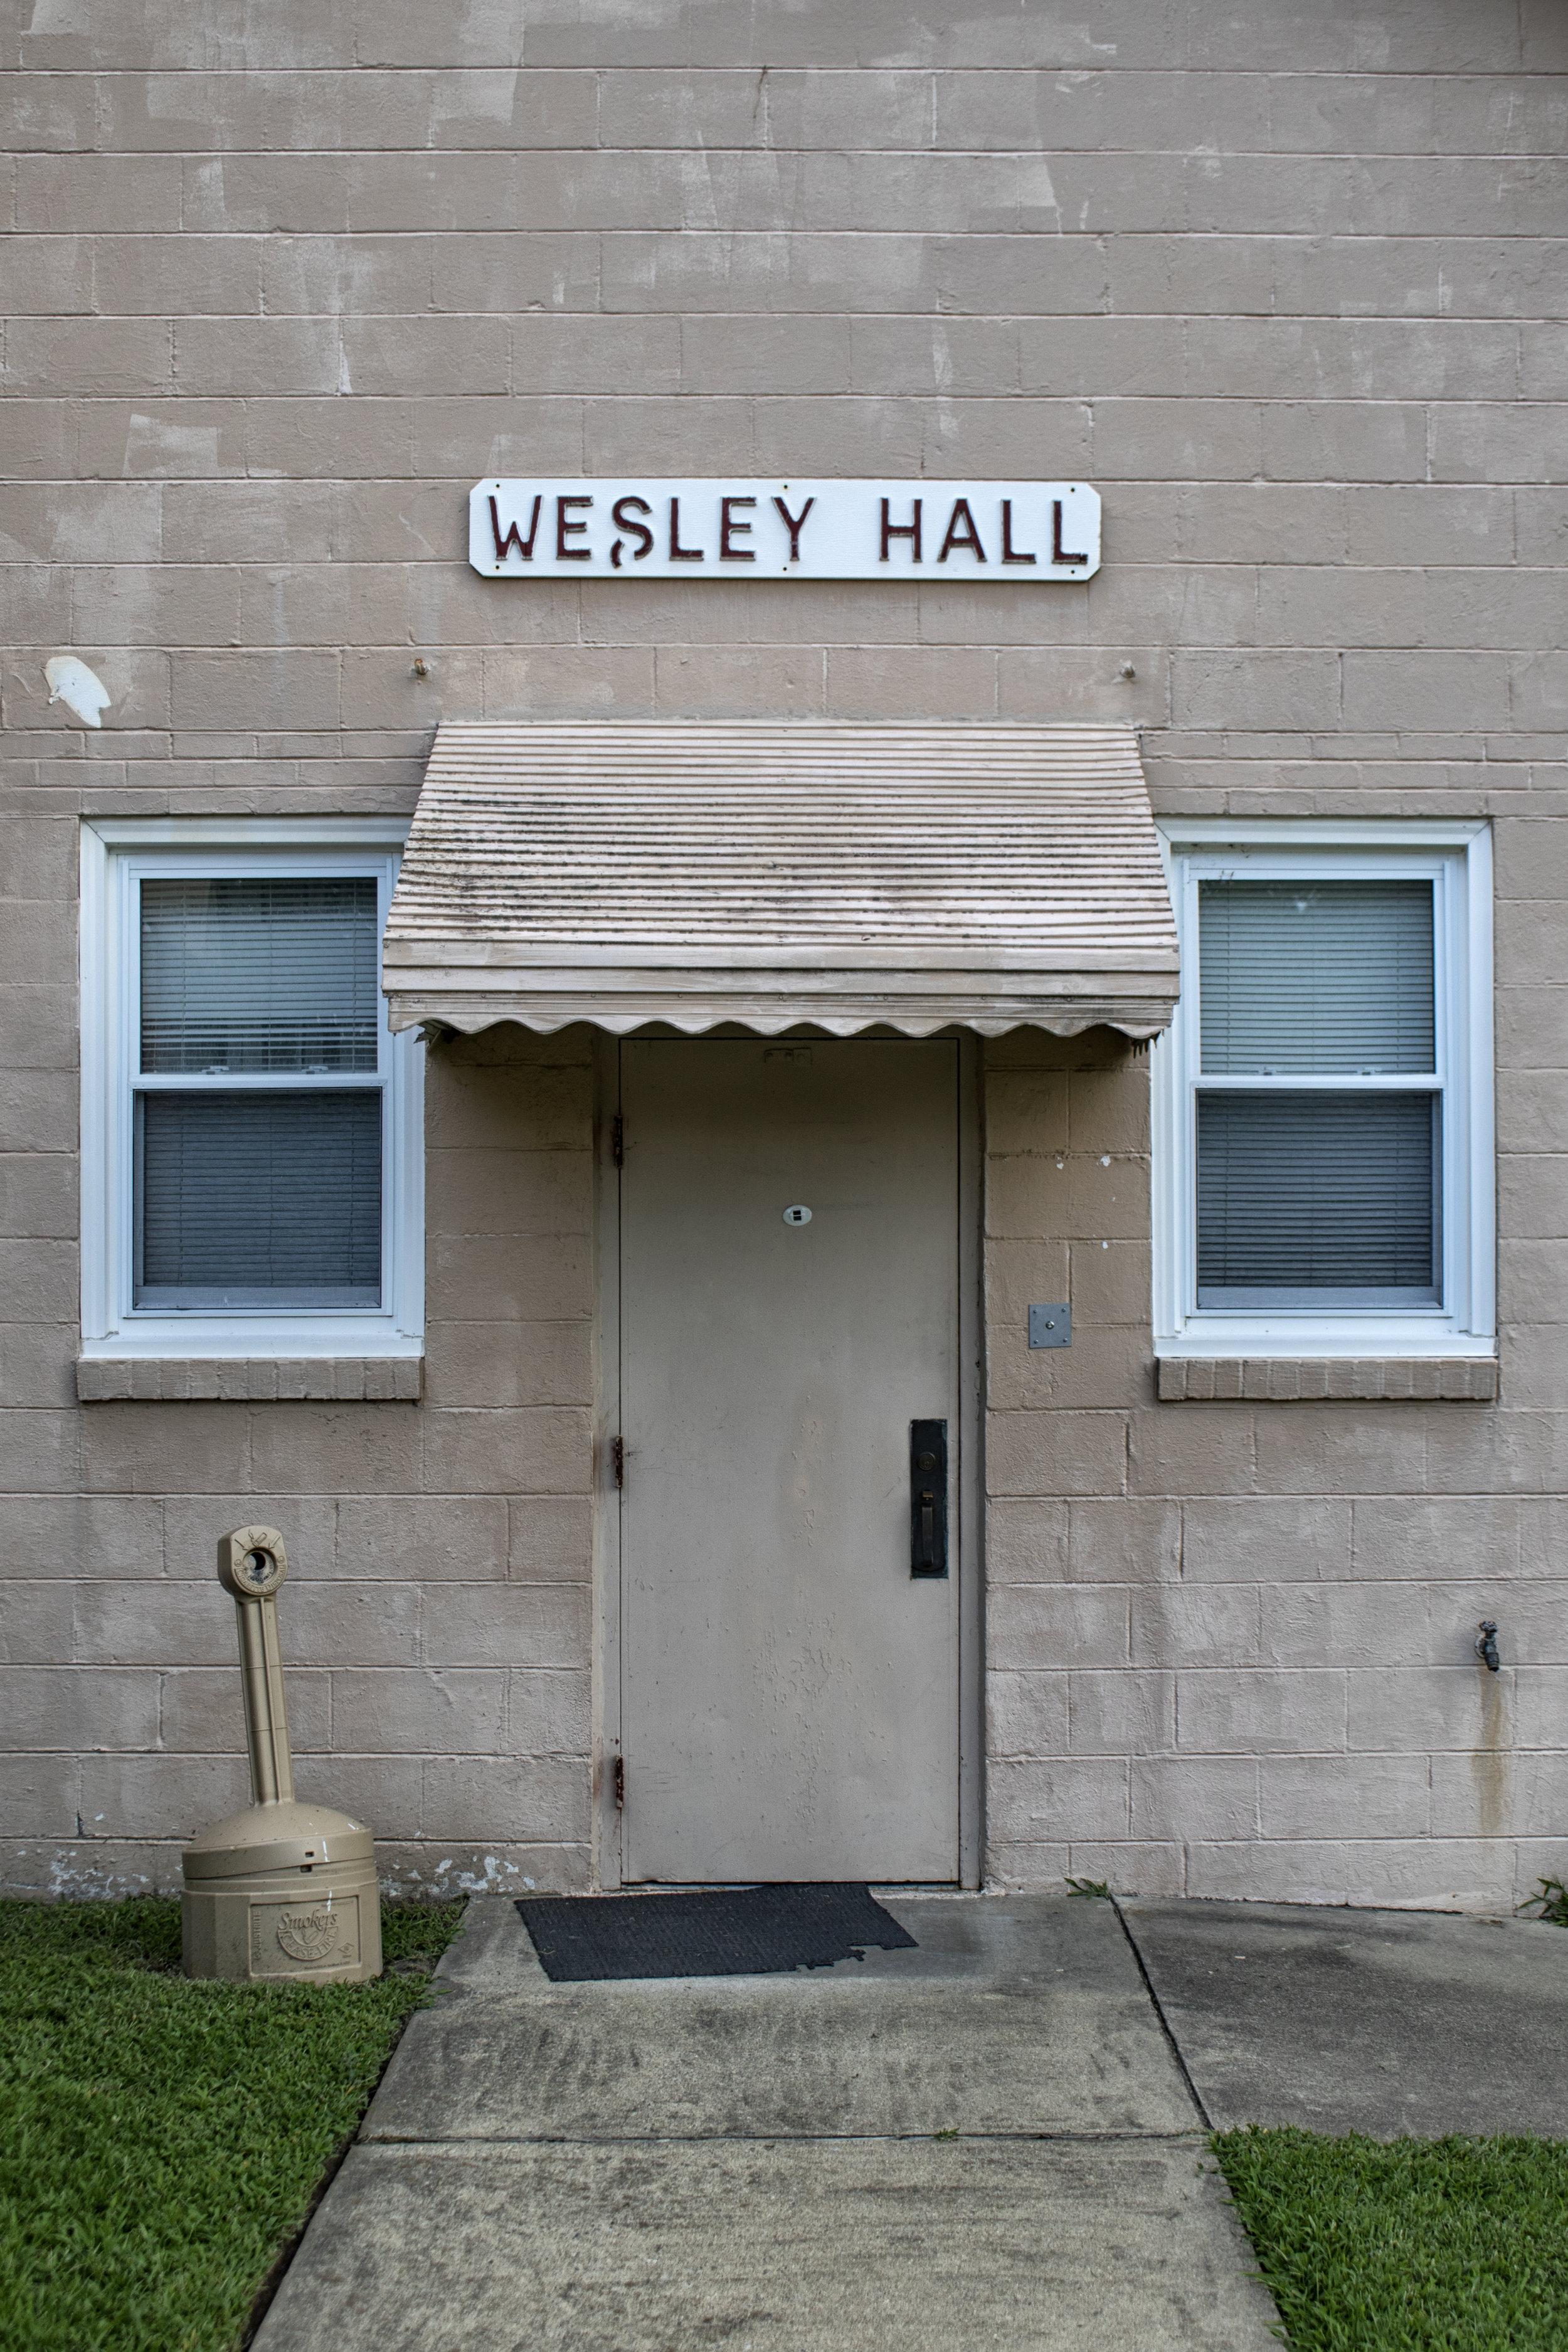 WesleyHall.jpg